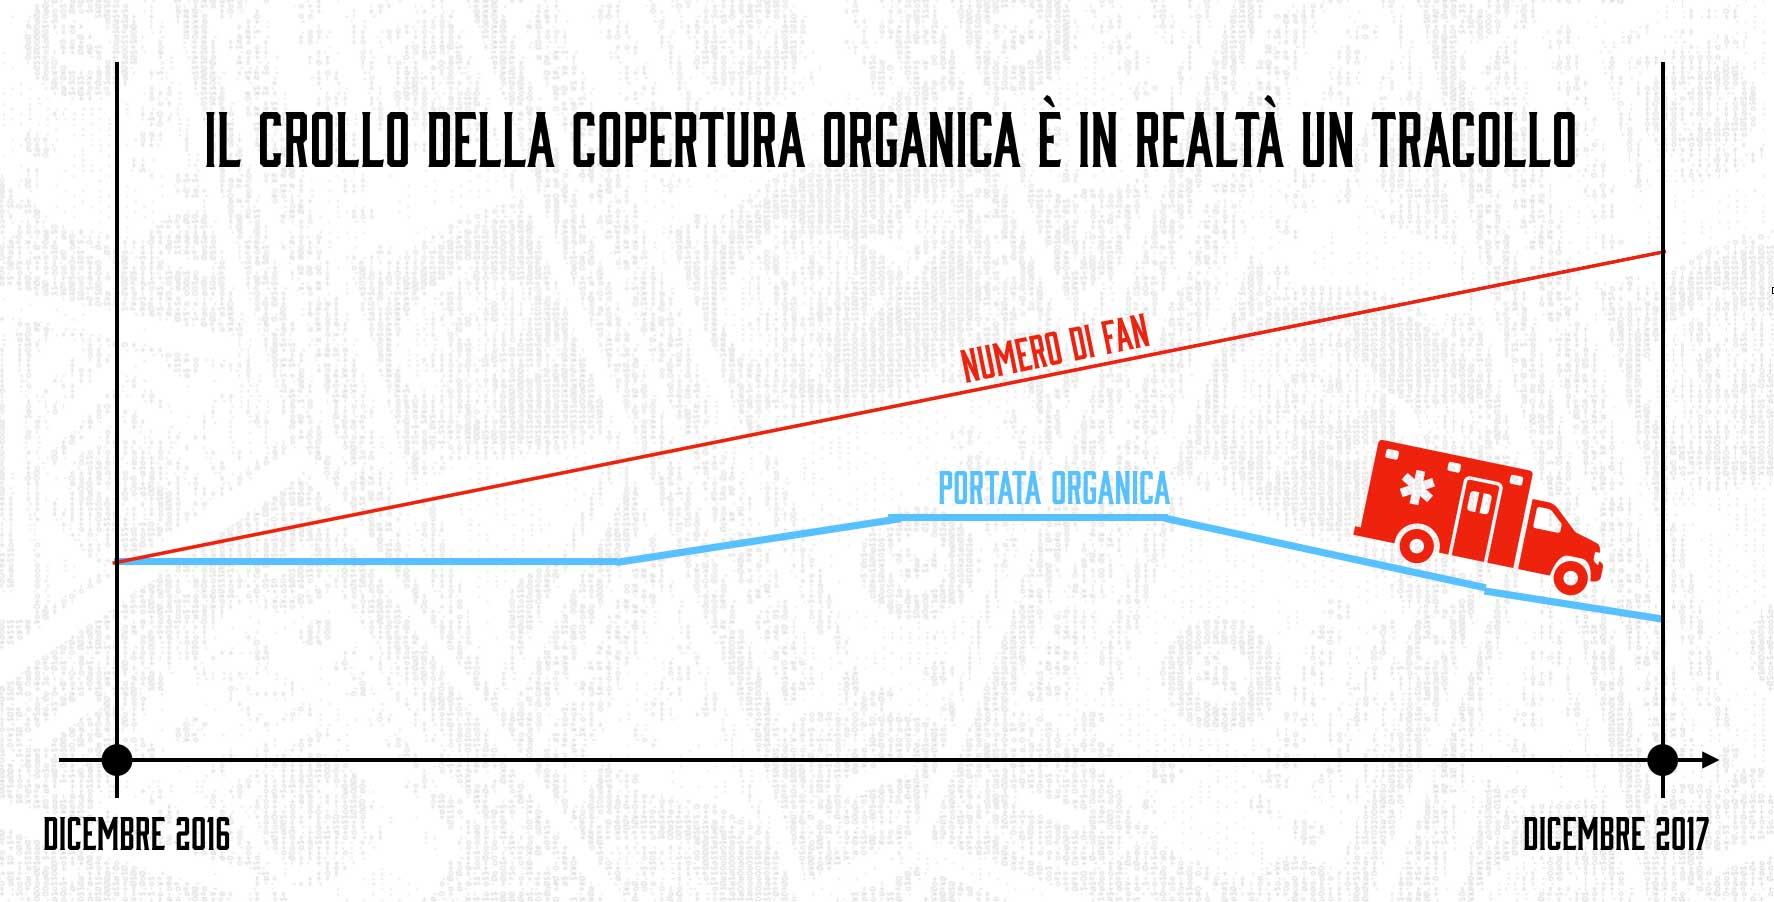 Sovrapposizione-dei-grafici-fan-della-pagina-e-copertura-organica-il-tracollo-della-reach-organica-facebook